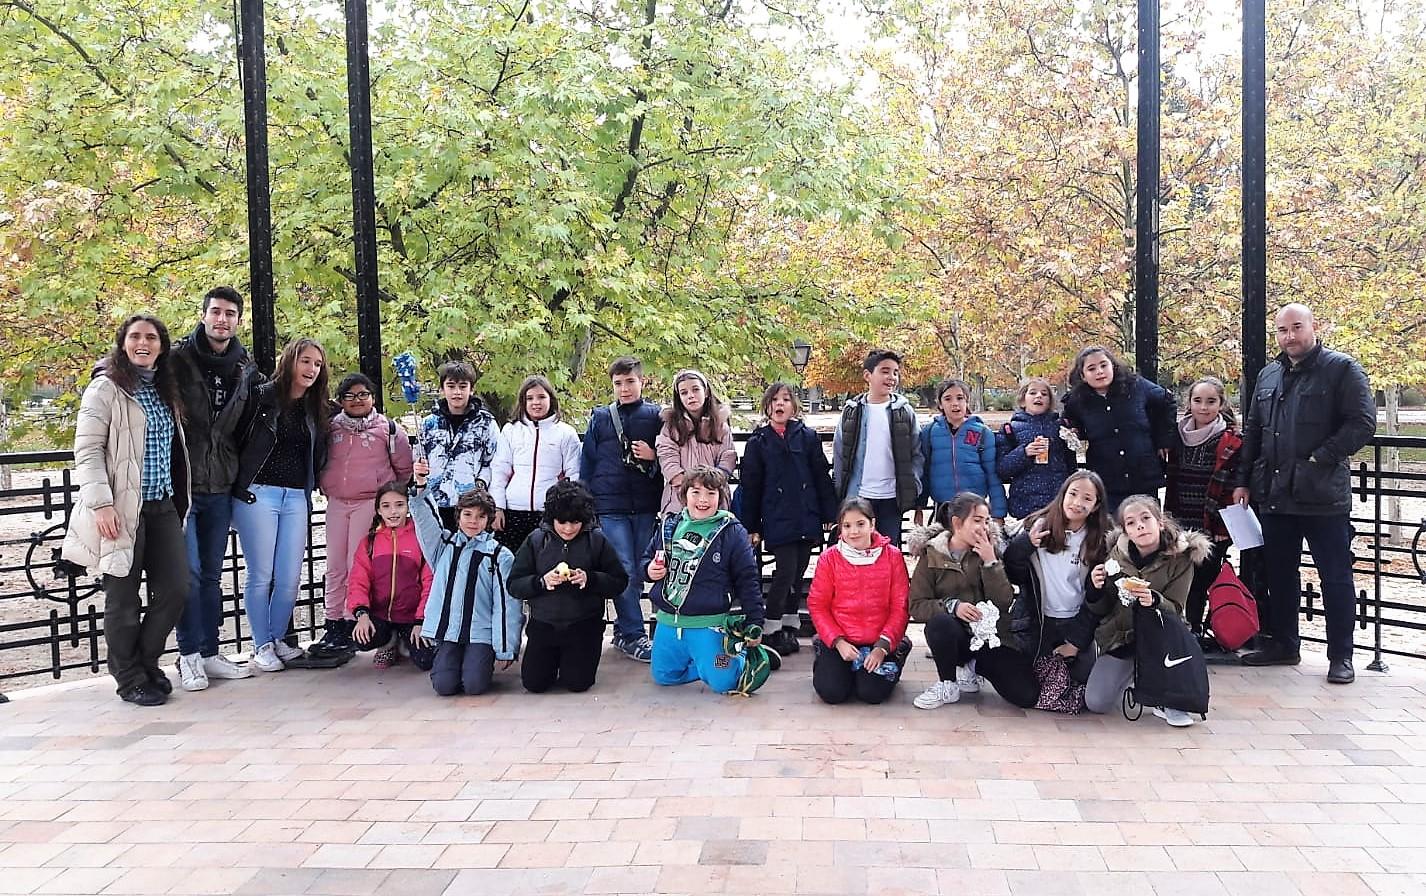 20 alumnos de los centros educativos de Velilla participaron en los talleres del programa MUSE en El Retiro